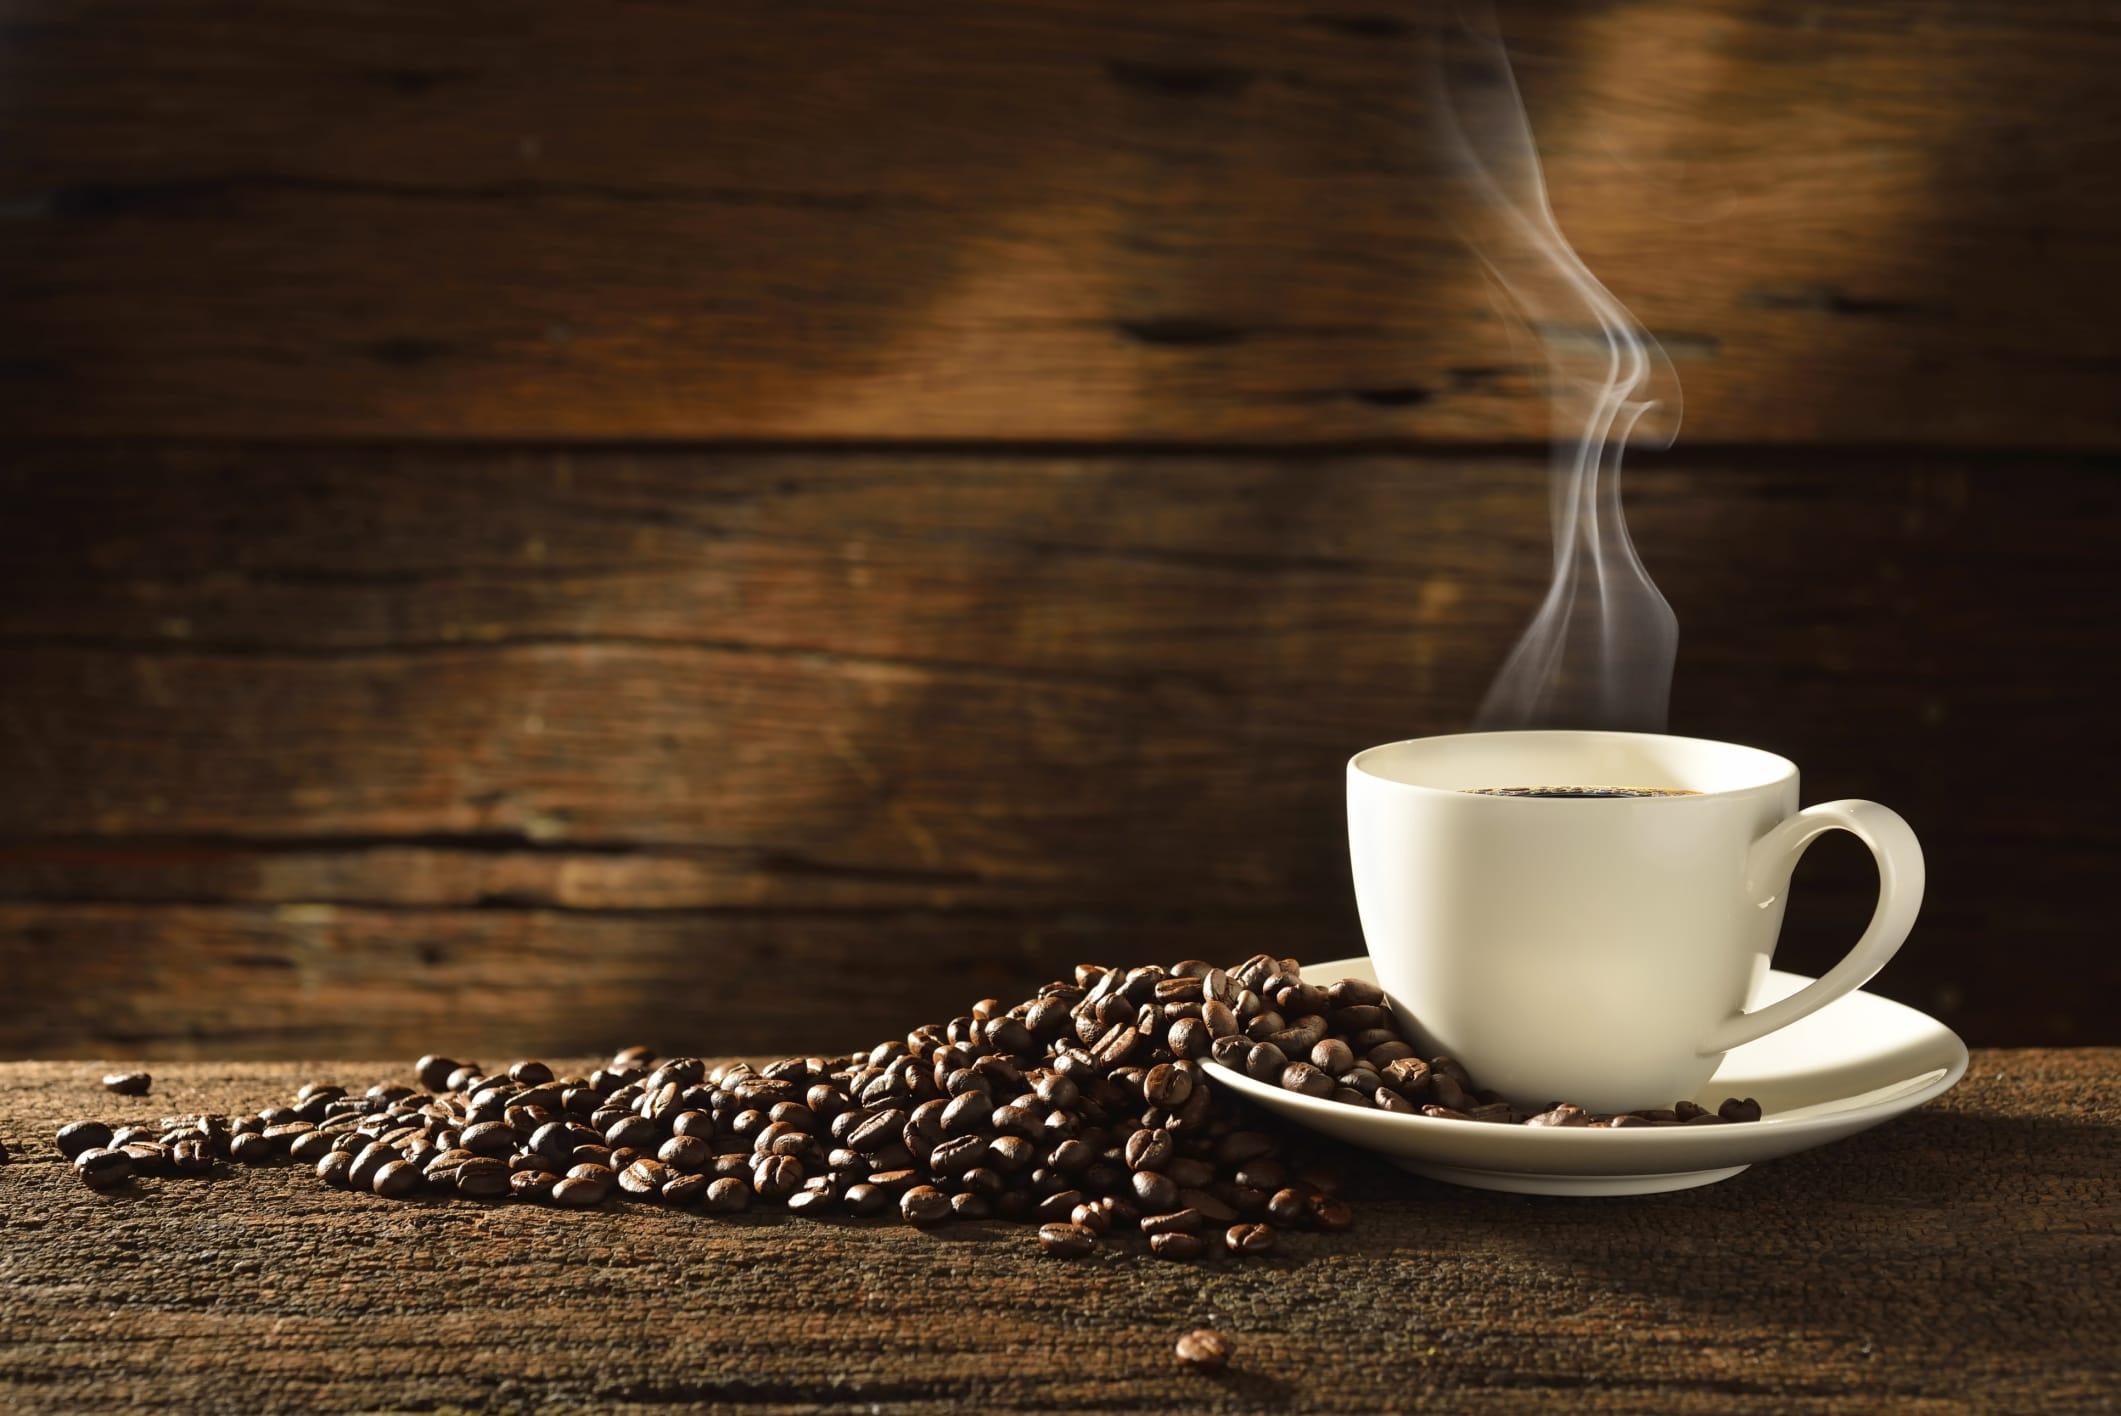 riutilizzo-fondi-caffe-creazione-pellet-fertilizzanti-friuli